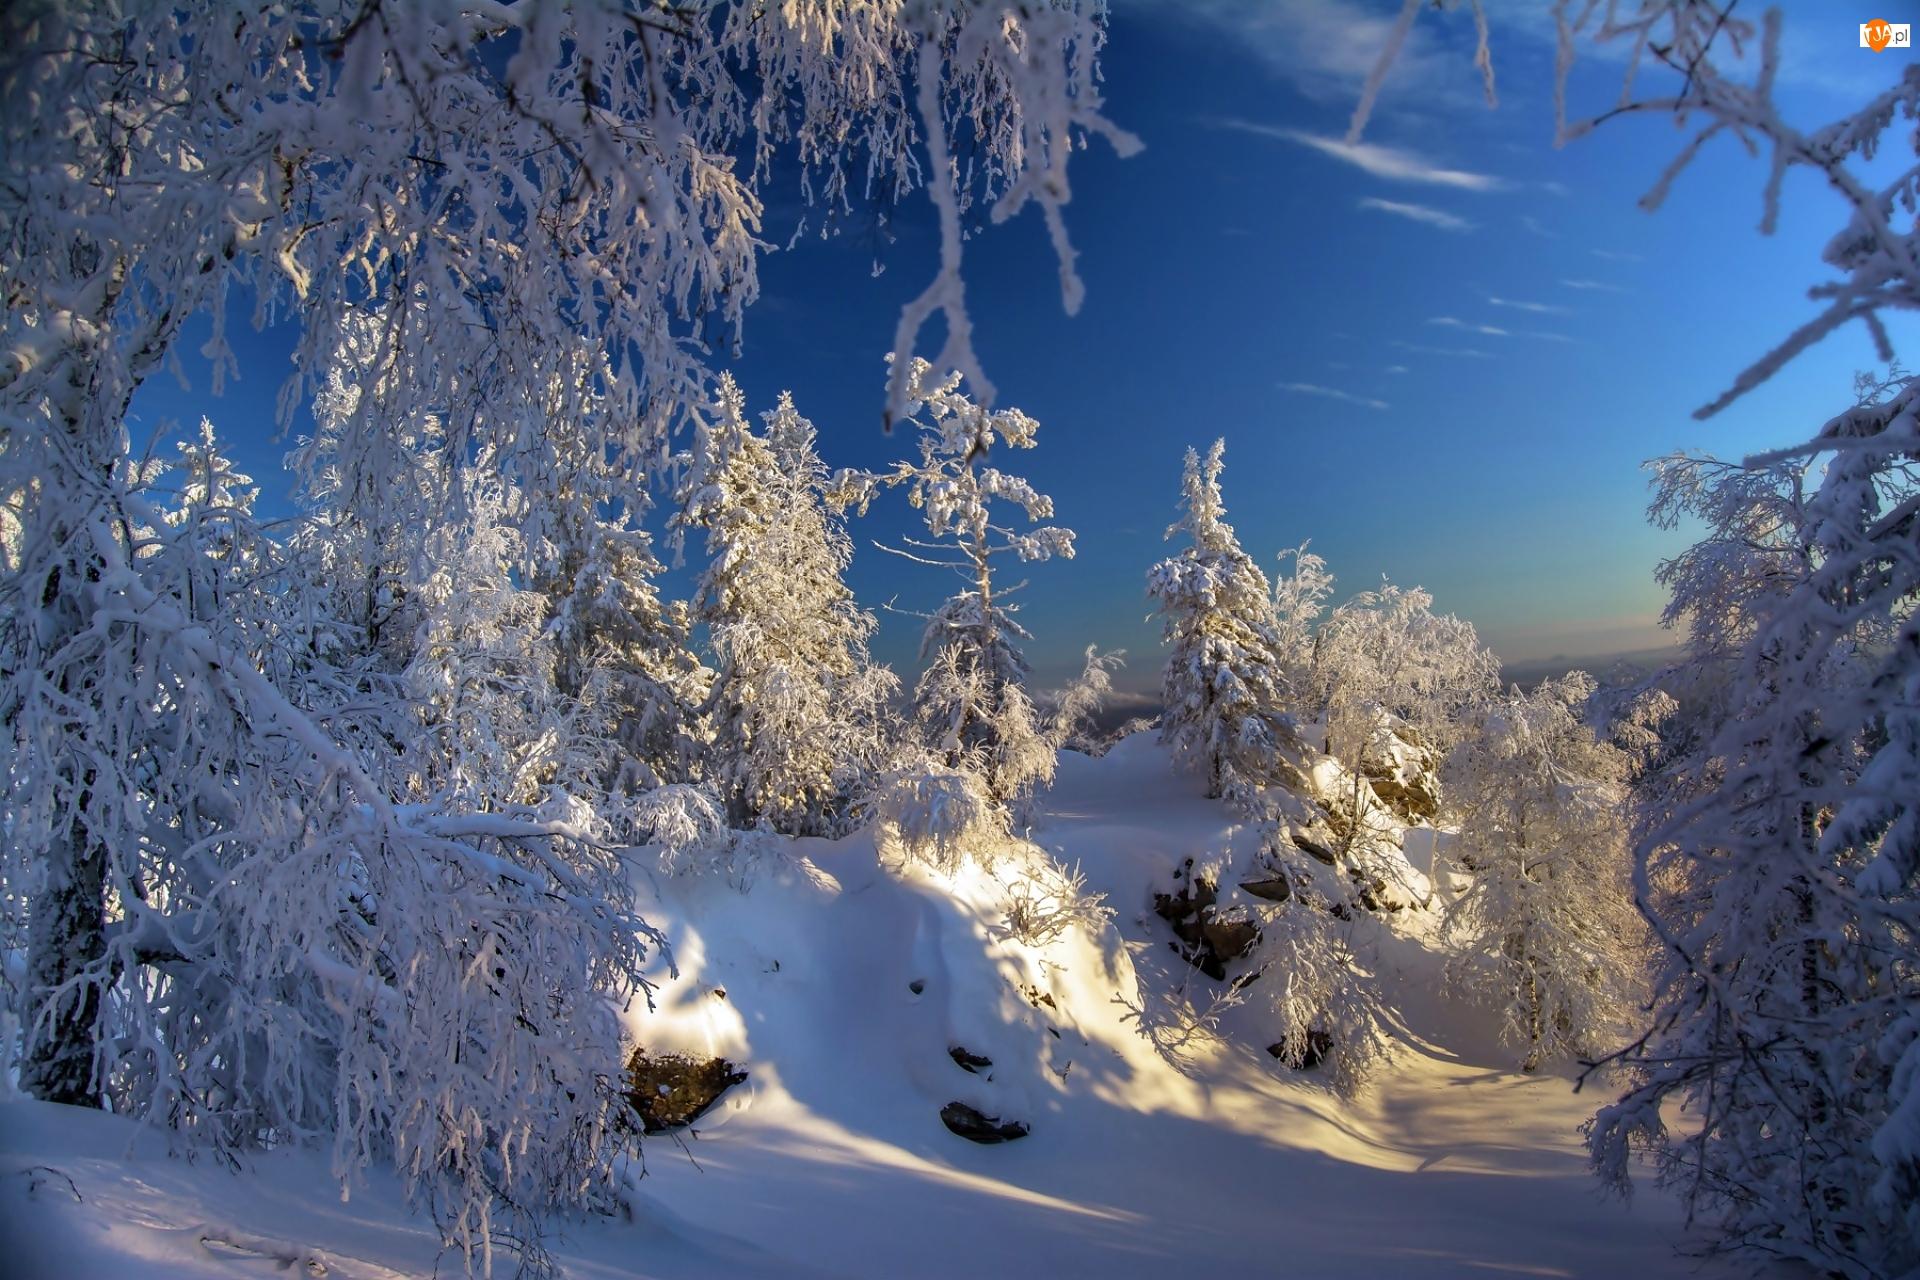 Las, Drzewa, Park Narodowy Taganaj, Rosja, Zima